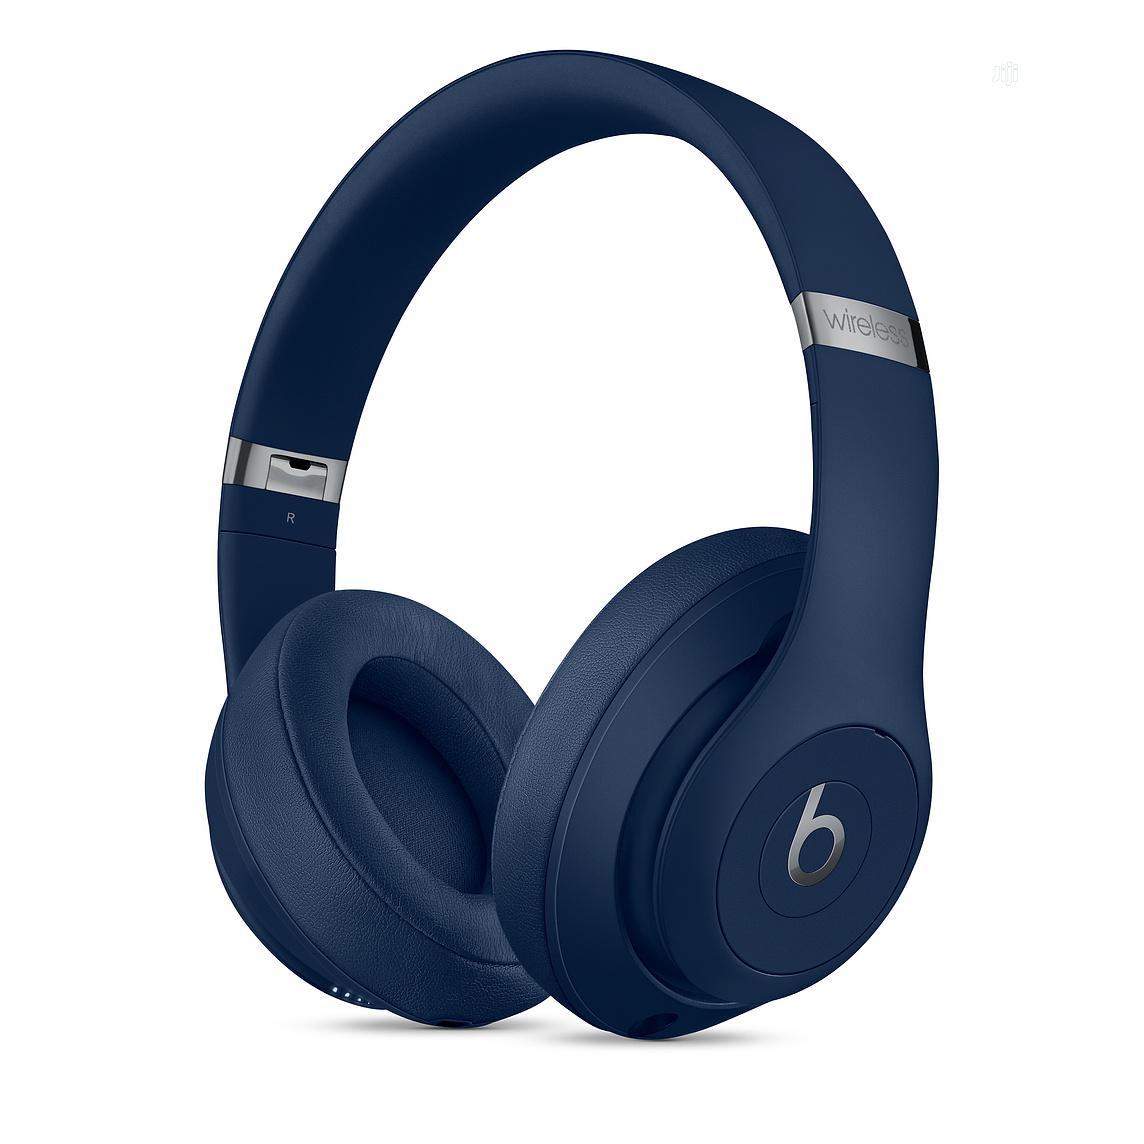 Original Beats Studio 3 Wireless Headphones